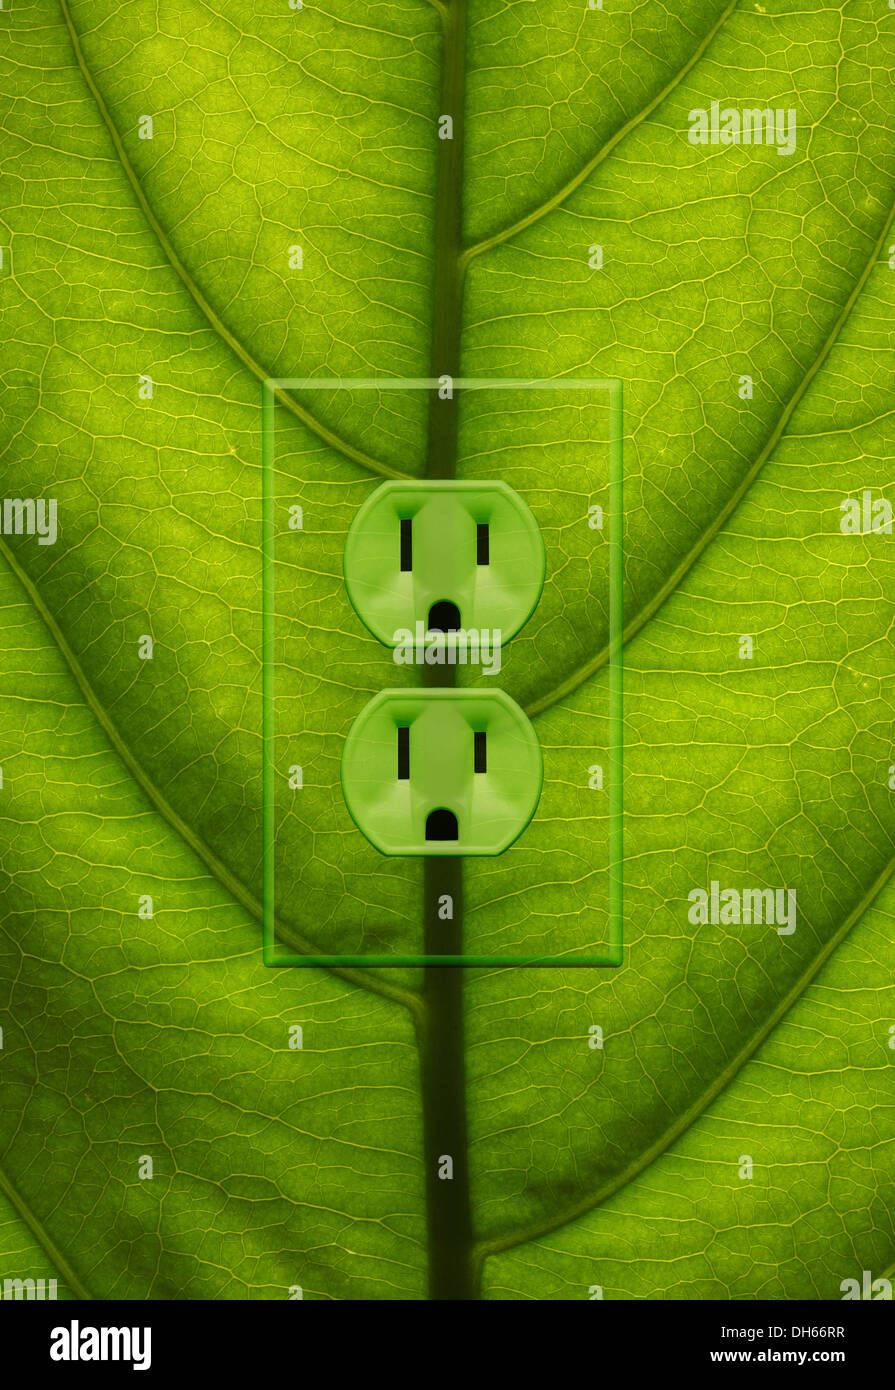 Nahaufnahme eines Blattes Grünpflanze mit grünen farbigen Steckdosen hinzugefügt. Stockbild